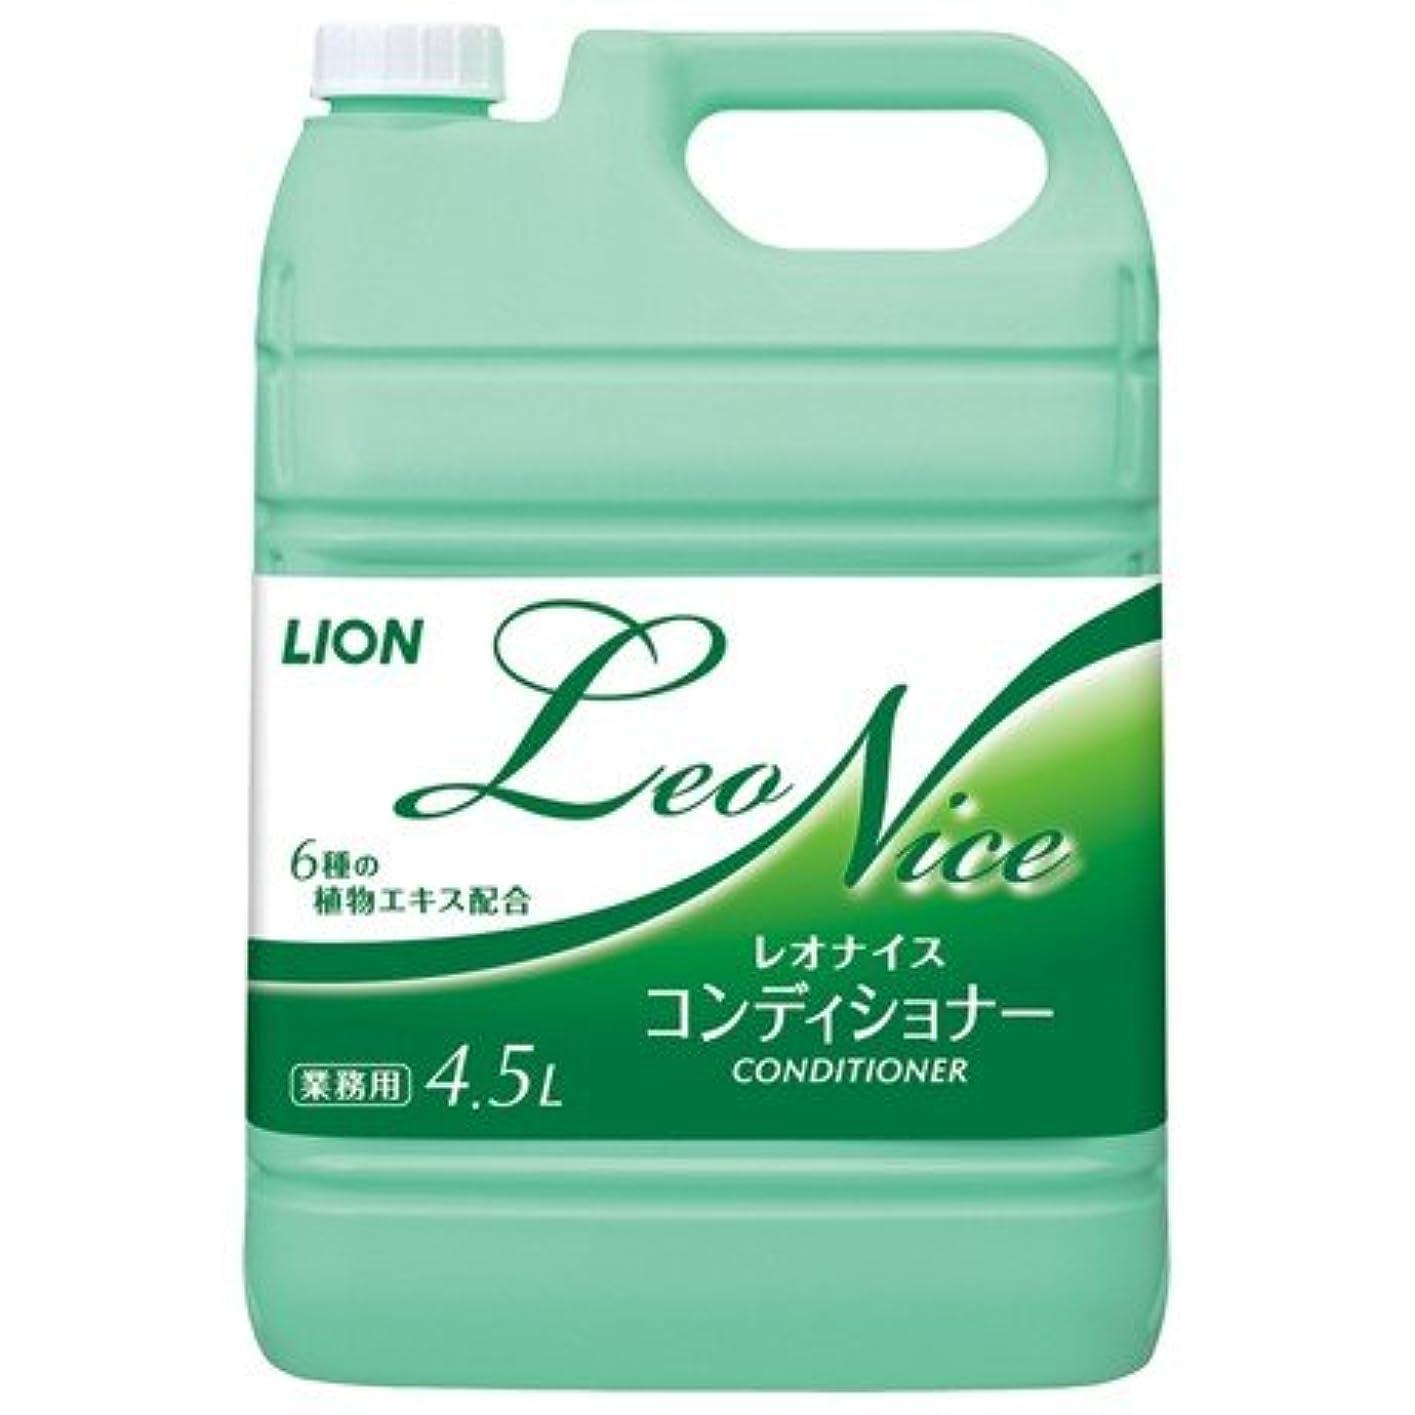 知的俳句成功したライオン レオナイス コンディショナー 4.5L×3本入